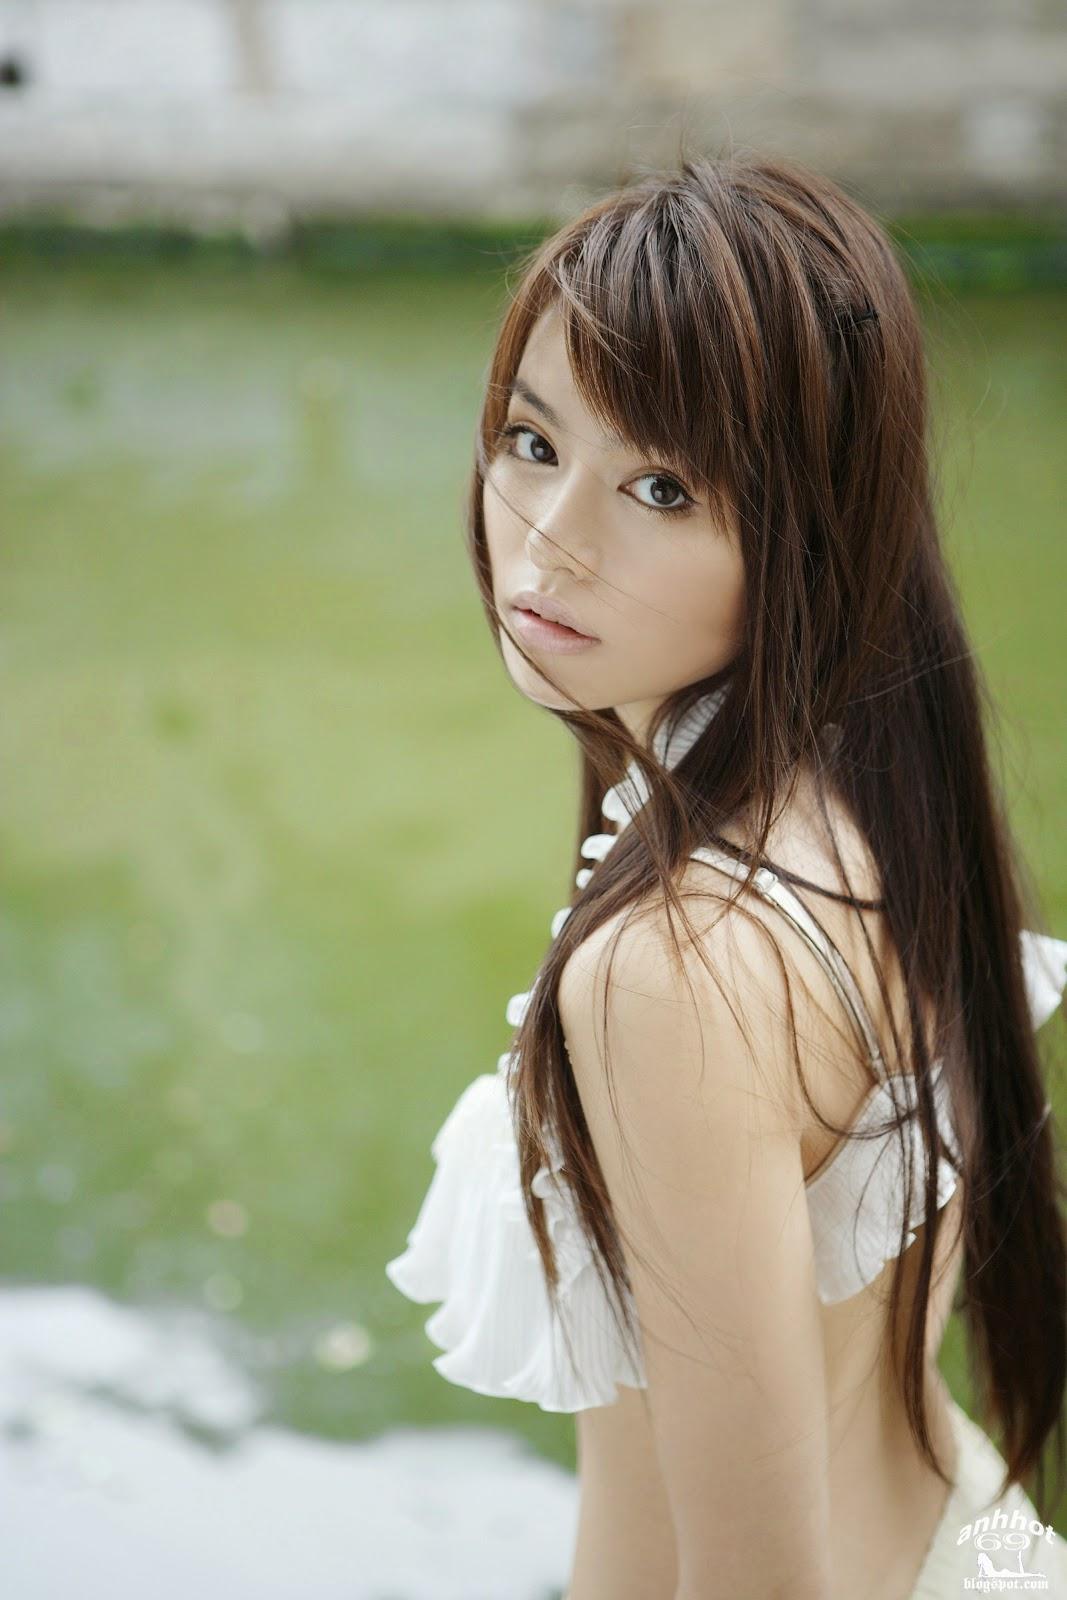 yuriko-shiratori-00499779